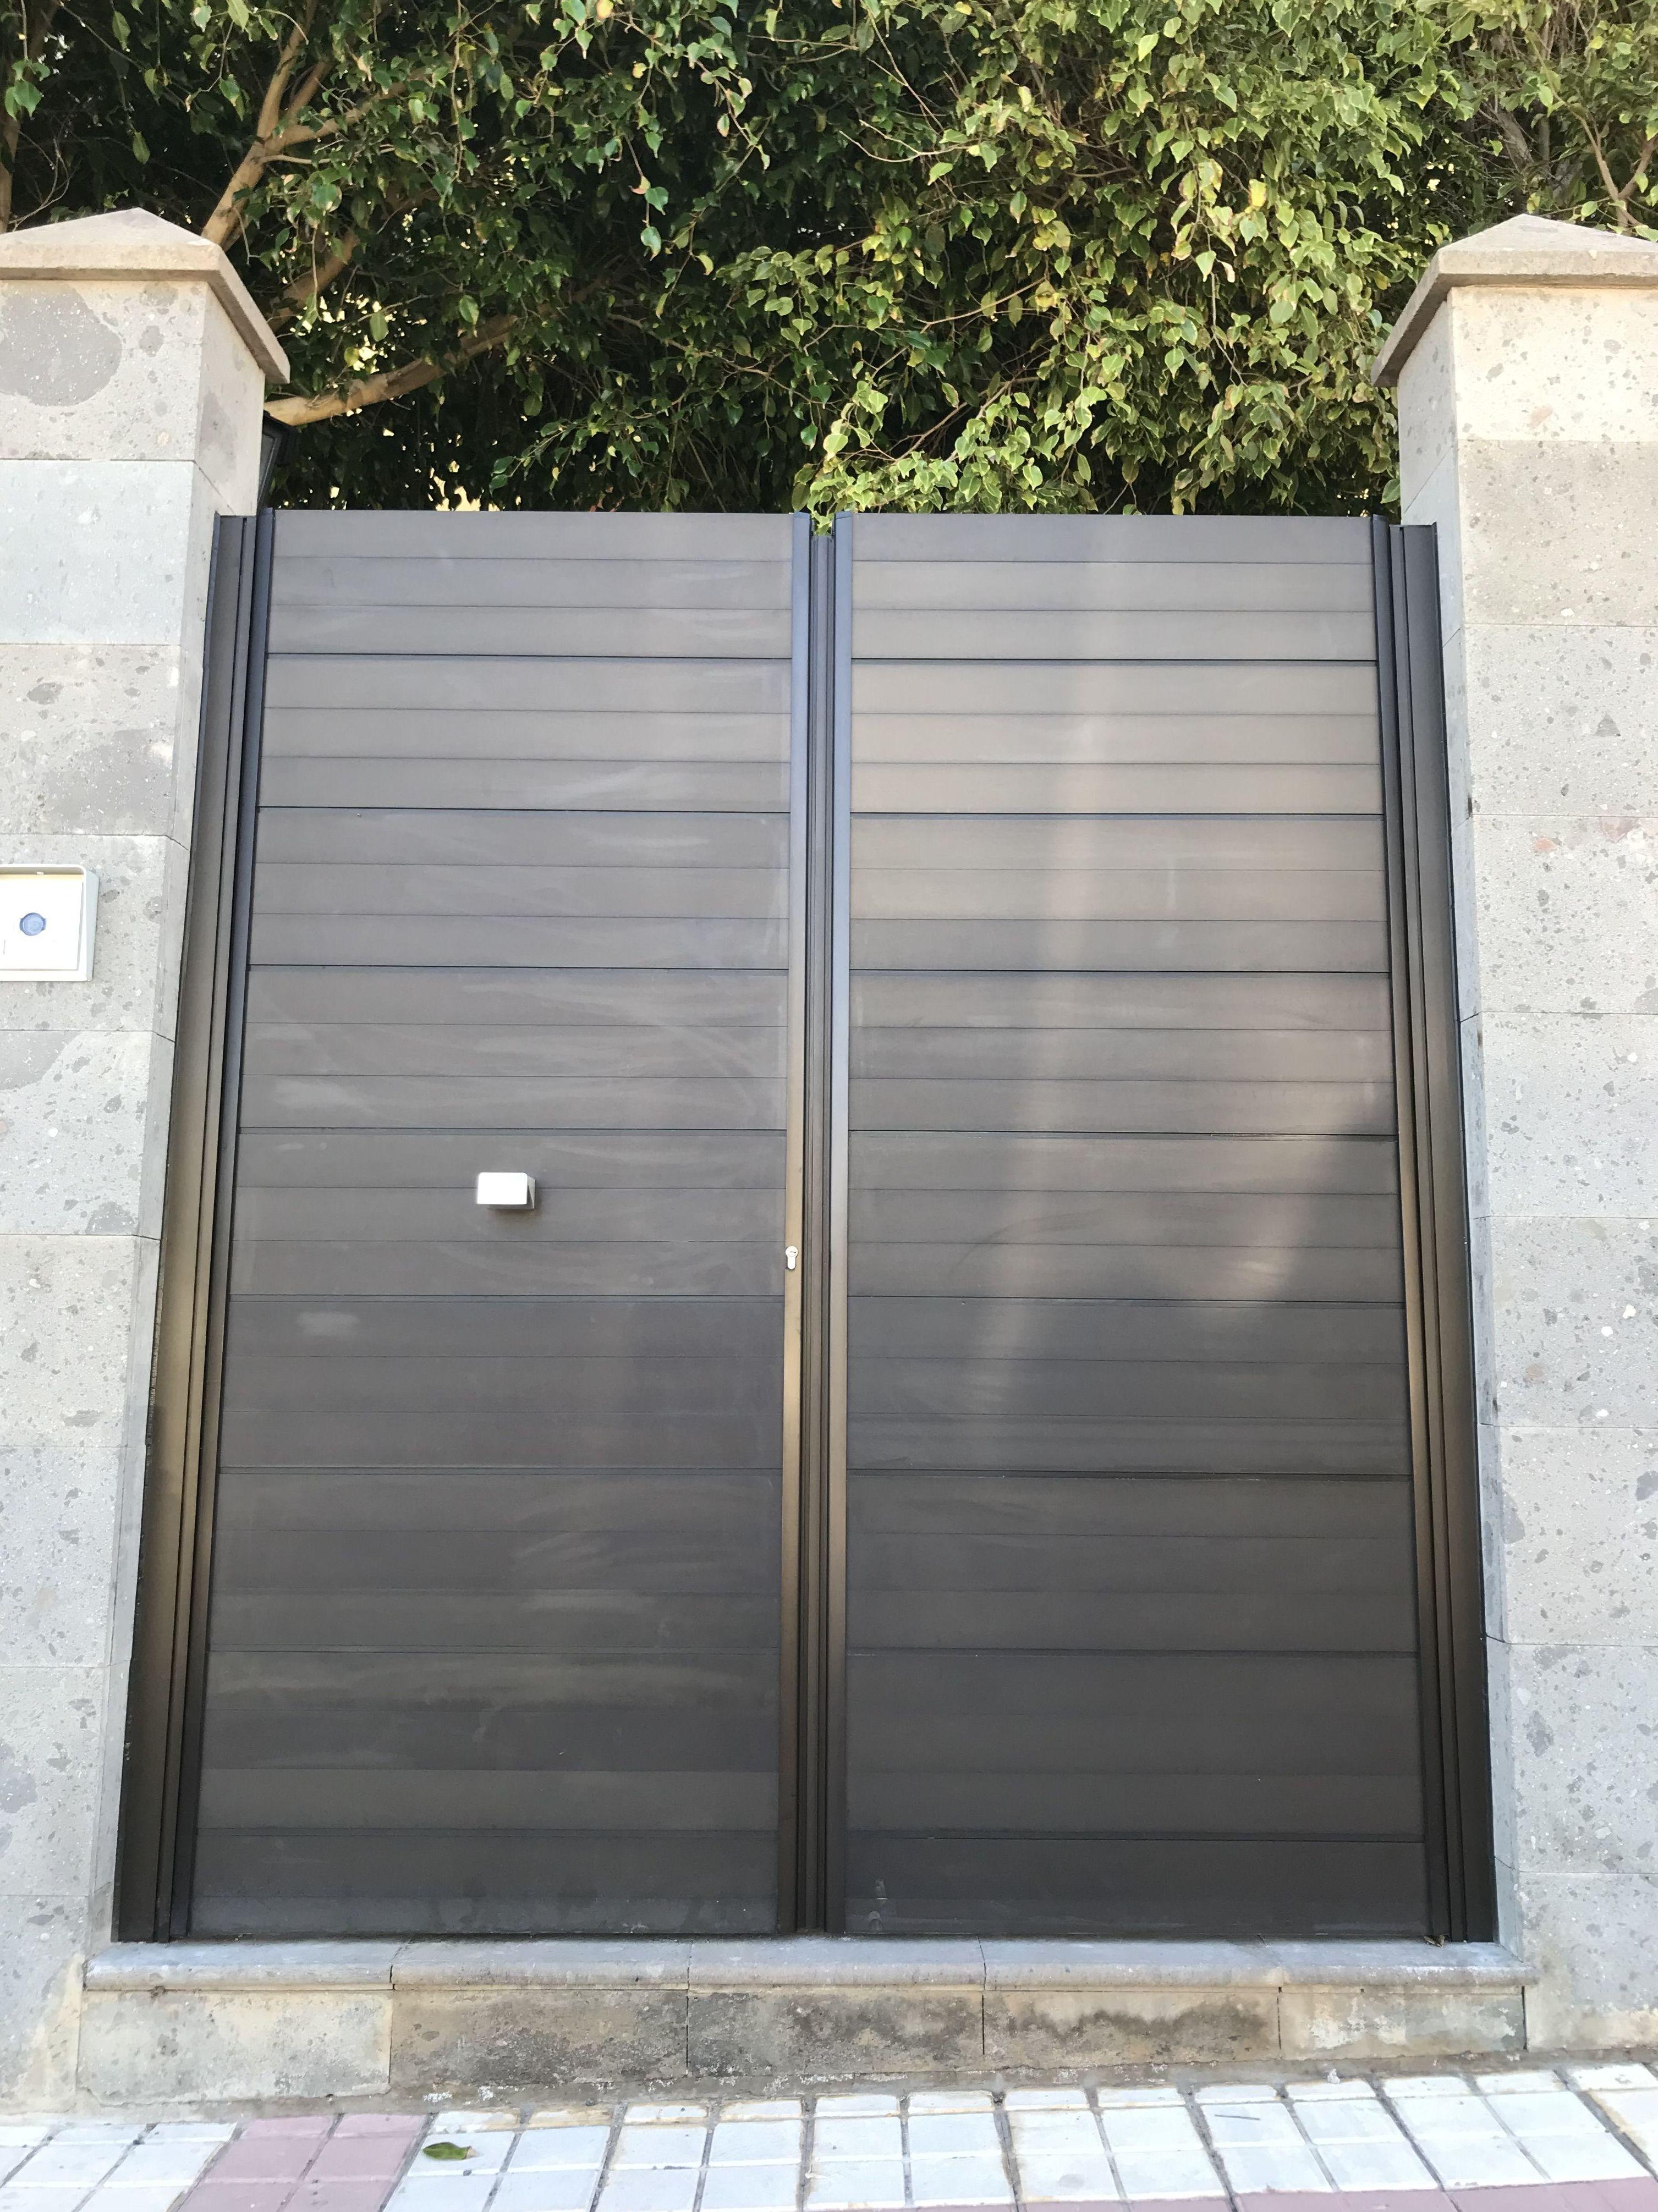 Puerta cancela dos hojas aluminio bronce, diseño moderno.